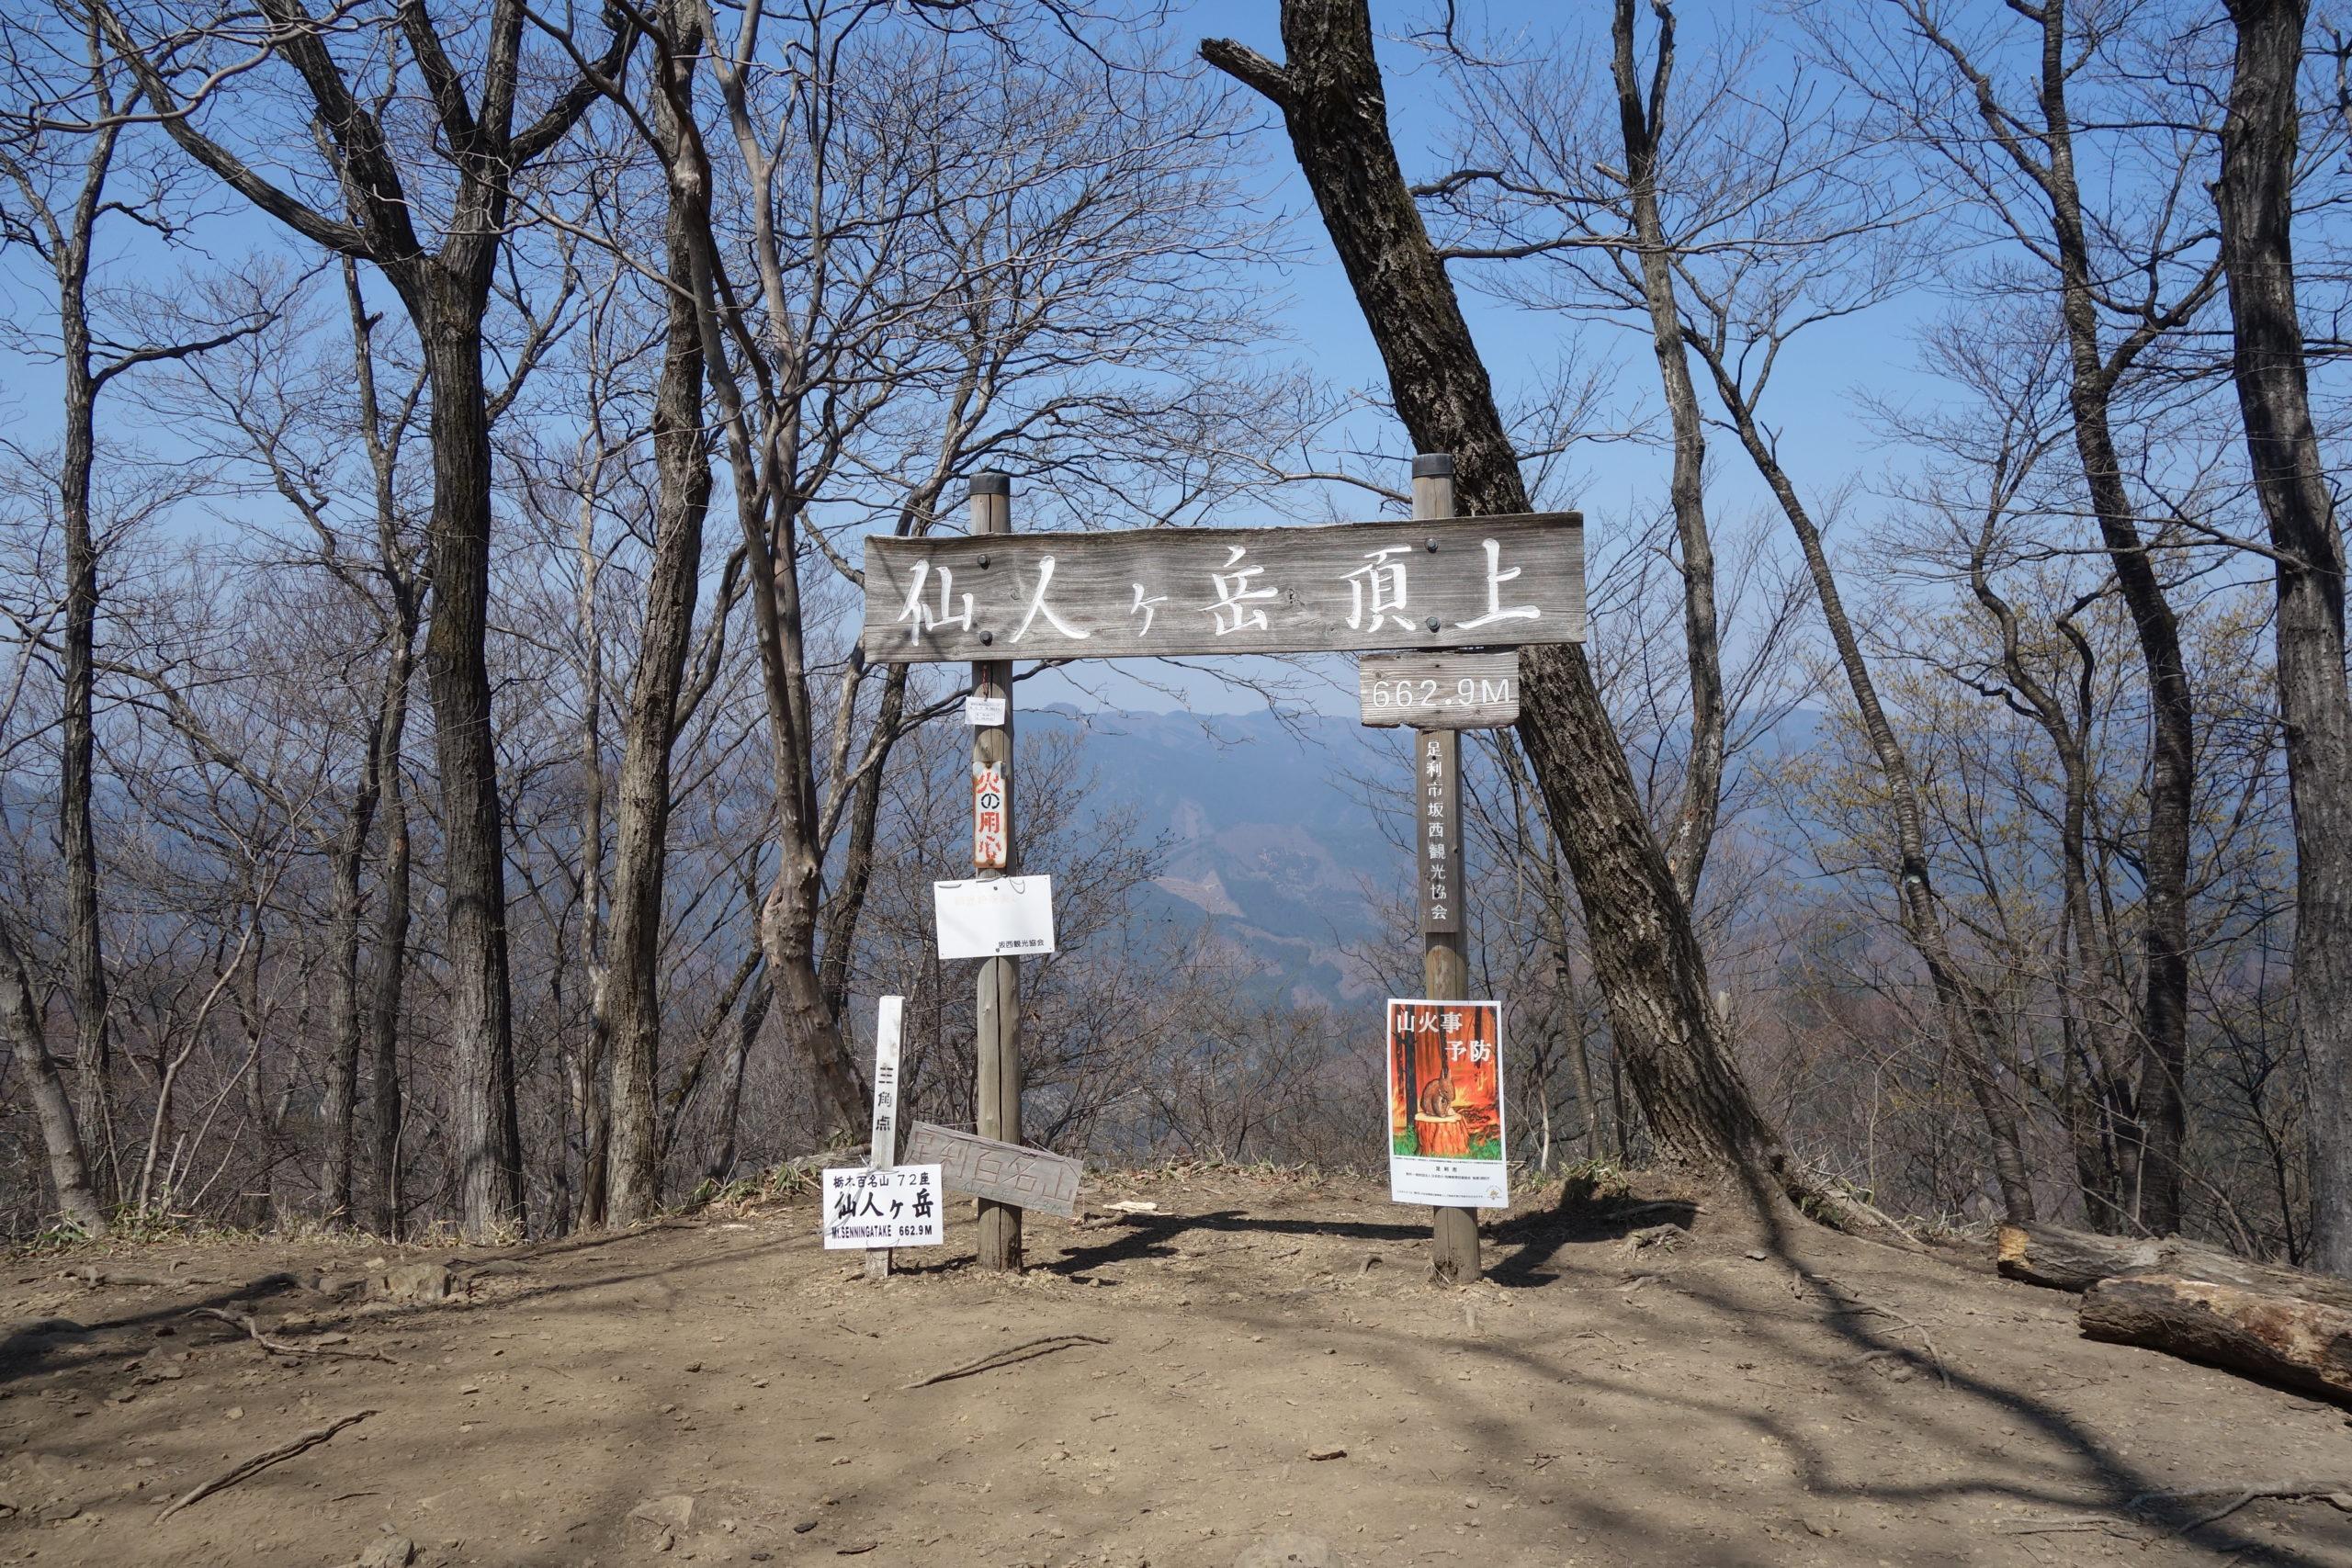 仙人ヶ岳 熊の分岐〜仙人ヶ岳山頂